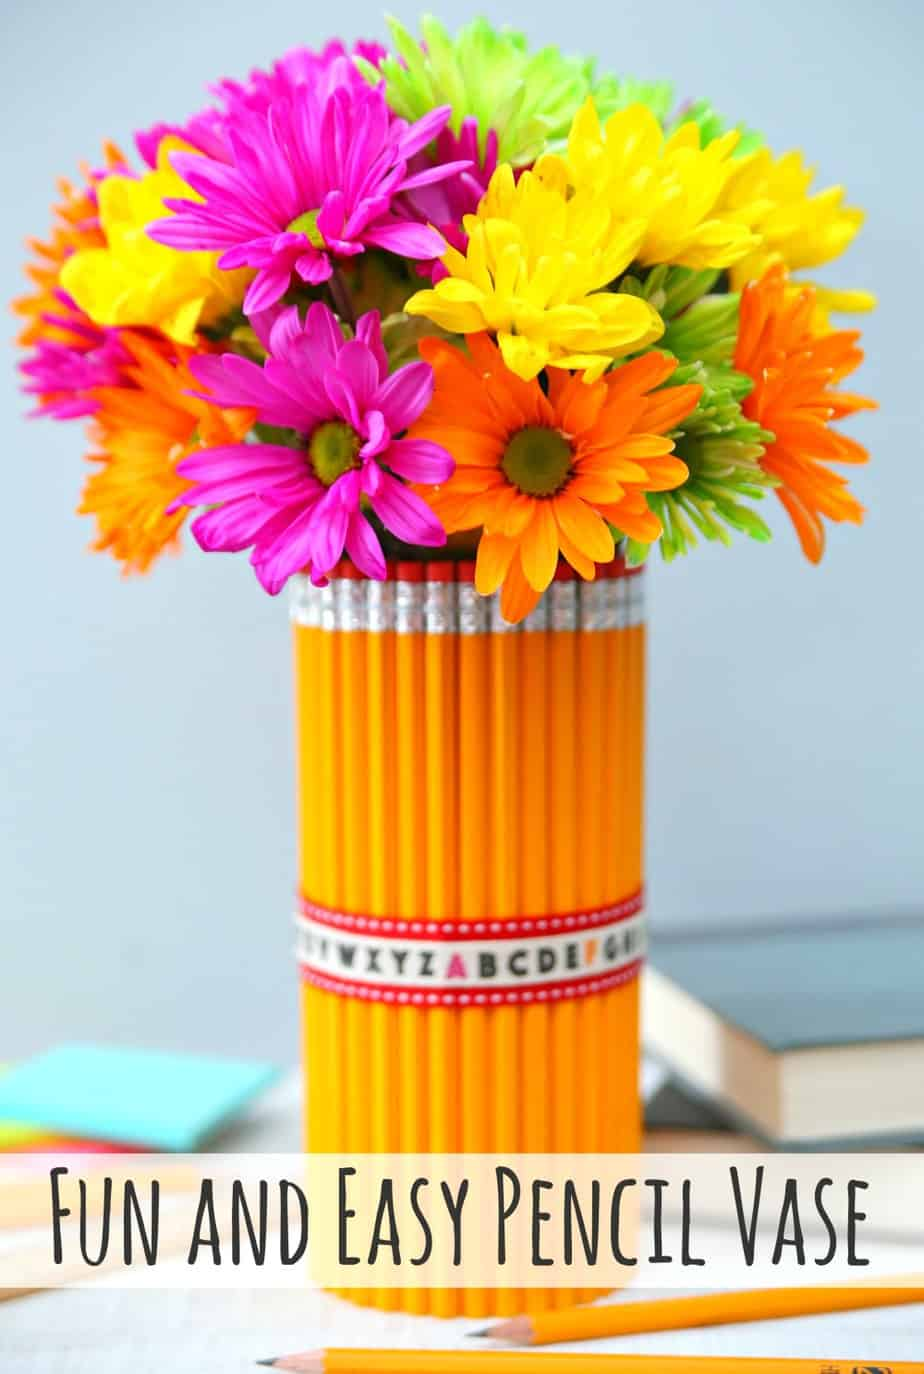 Fun and Easy Pencil Vase 1